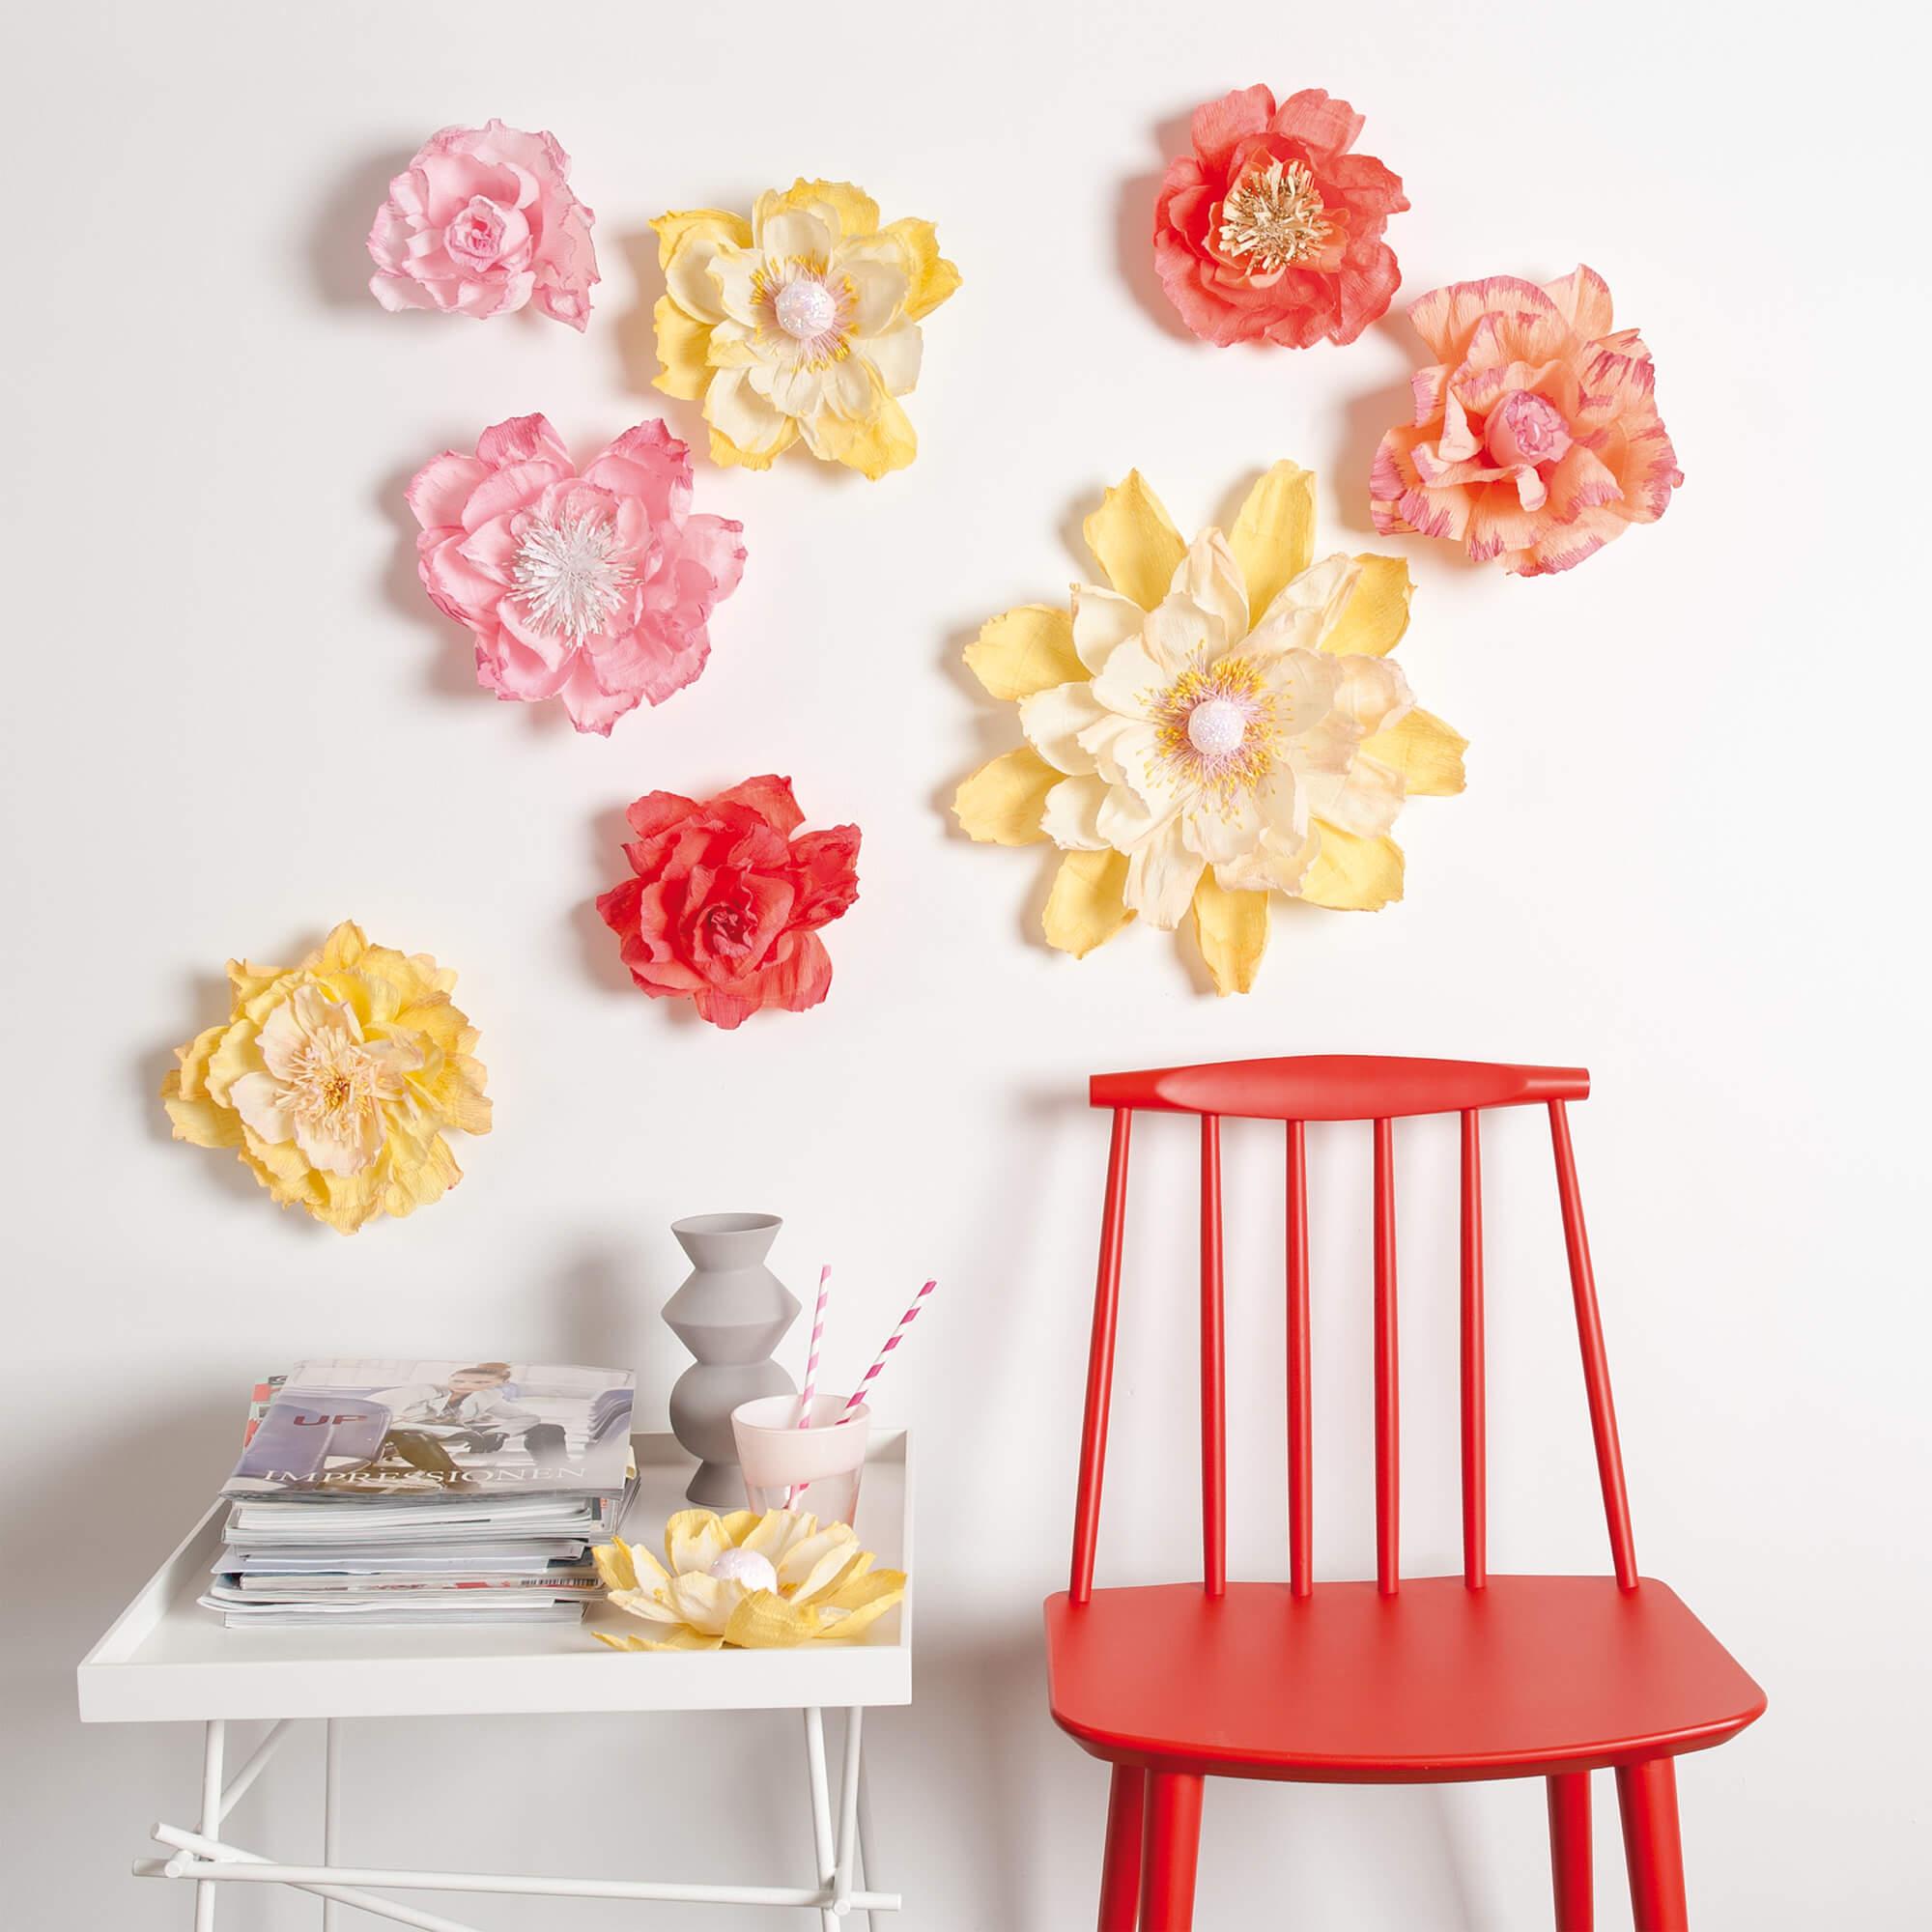 xxl papierblumen basteln » gratis anleitung zum selber machen